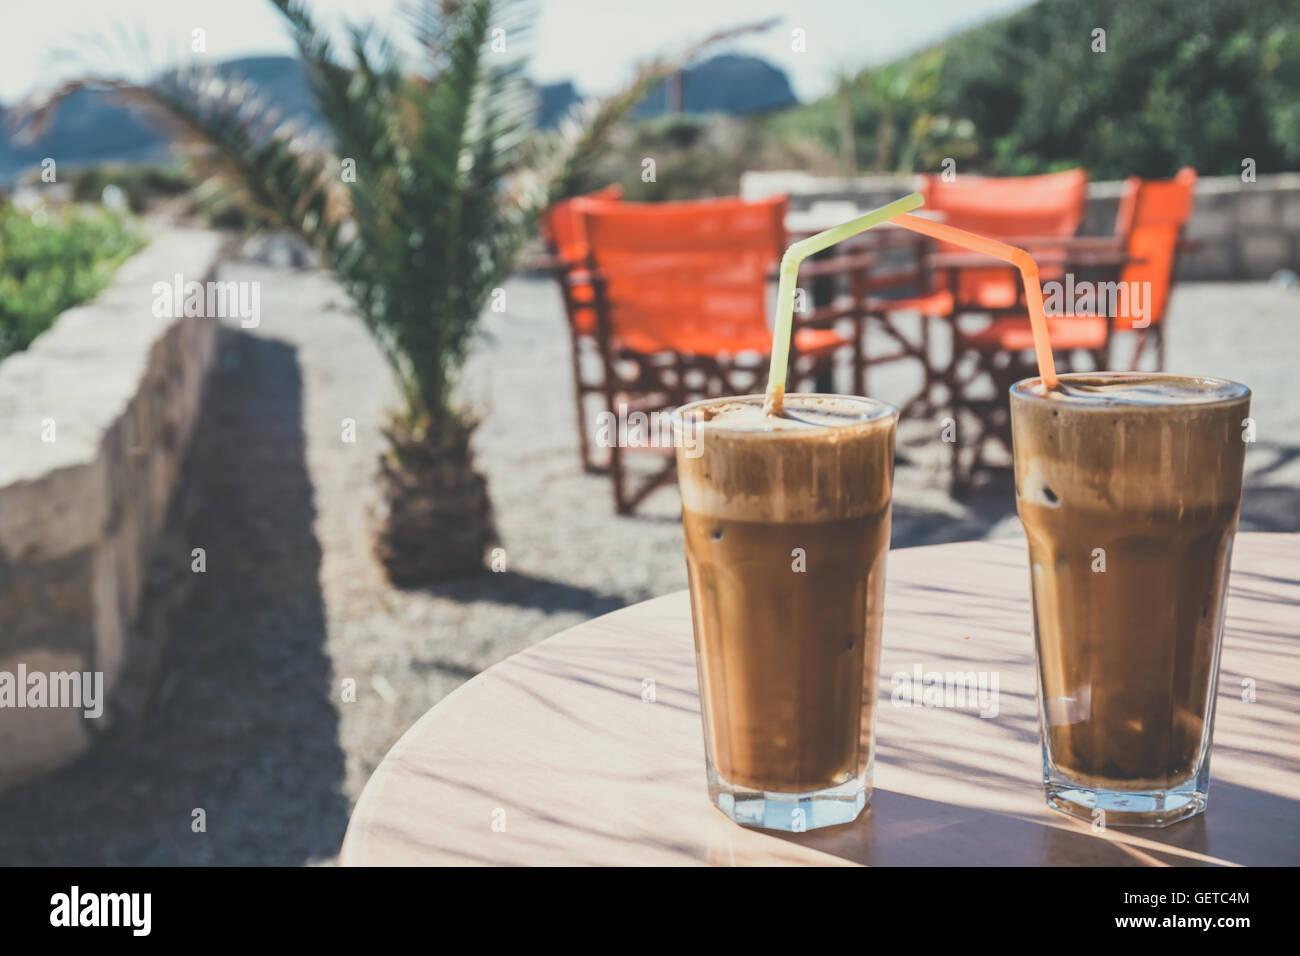 Kaffee Frappe, griechische Küche auf dem Tisch am Strand, Vintage ...